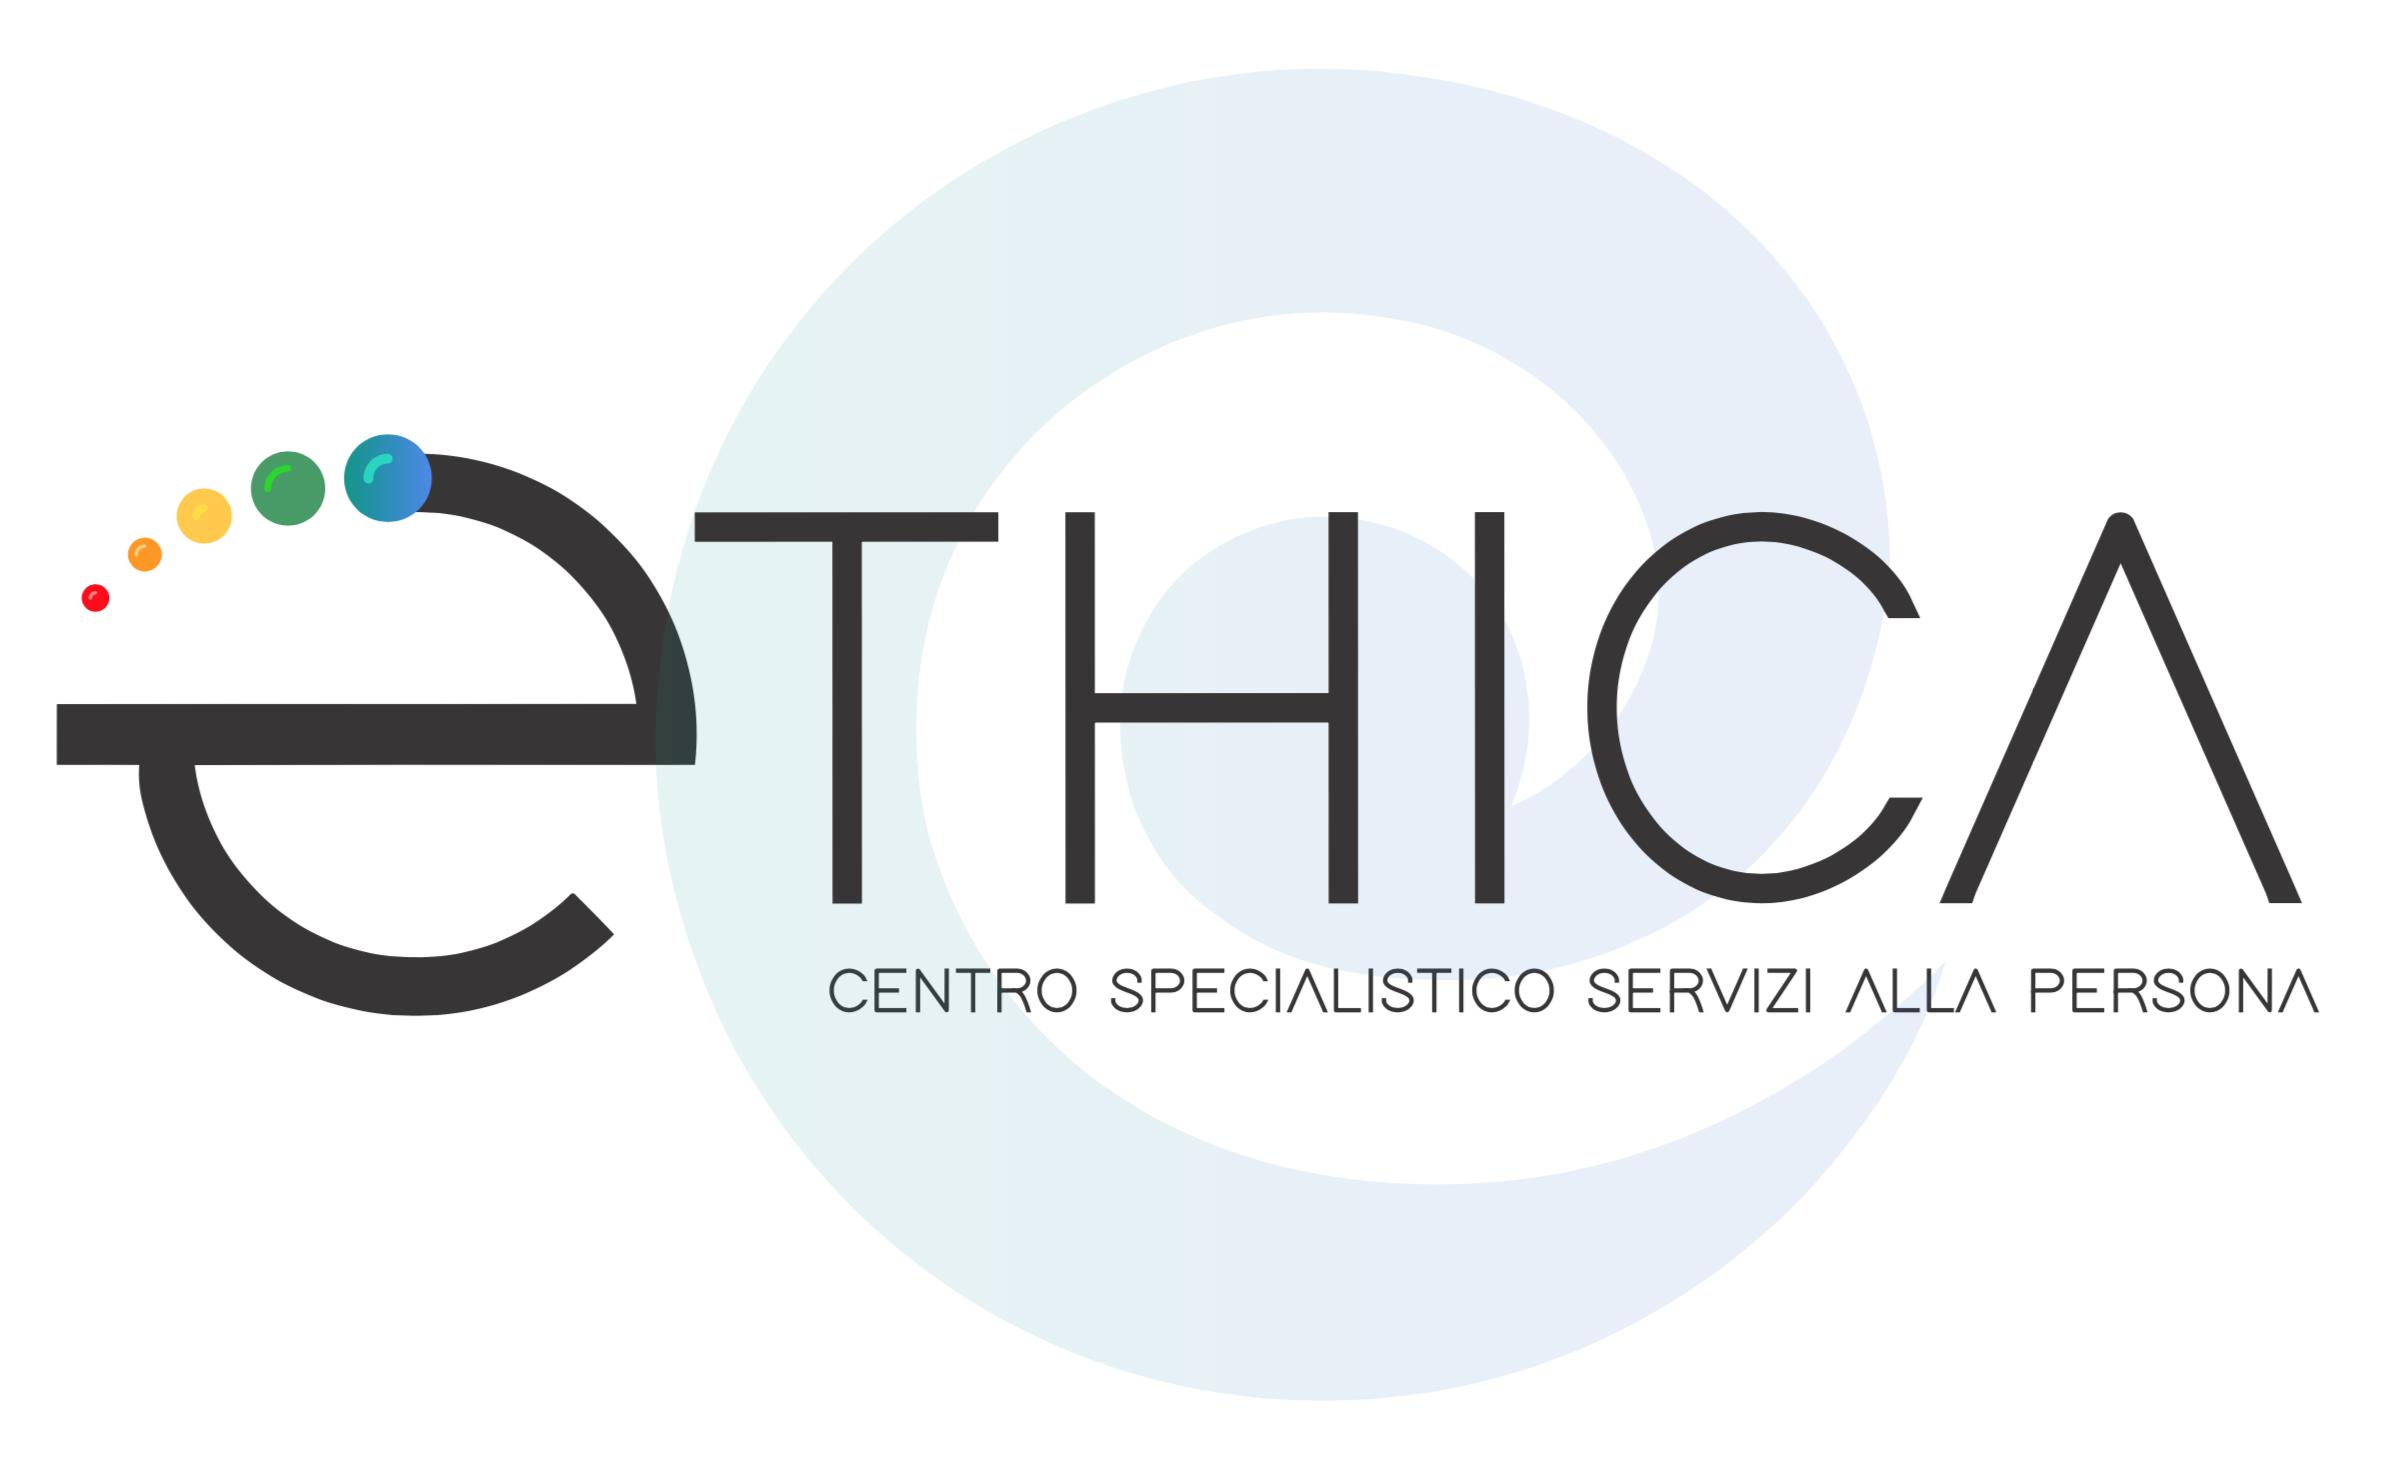 Ethica srl